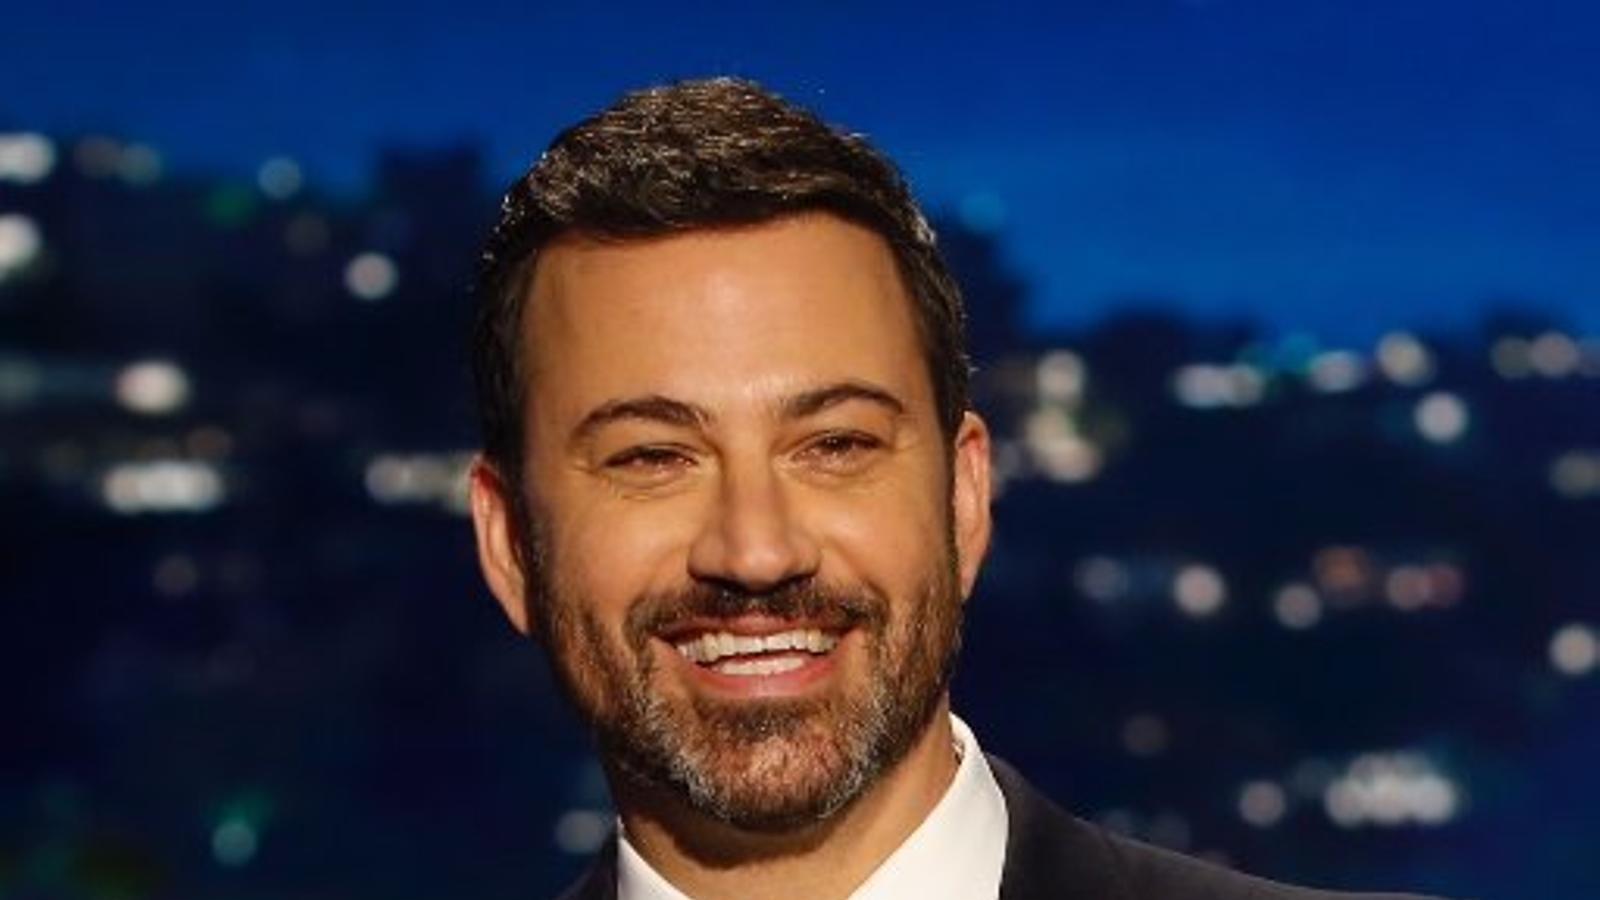 L'humorista Jimmy Kimmel